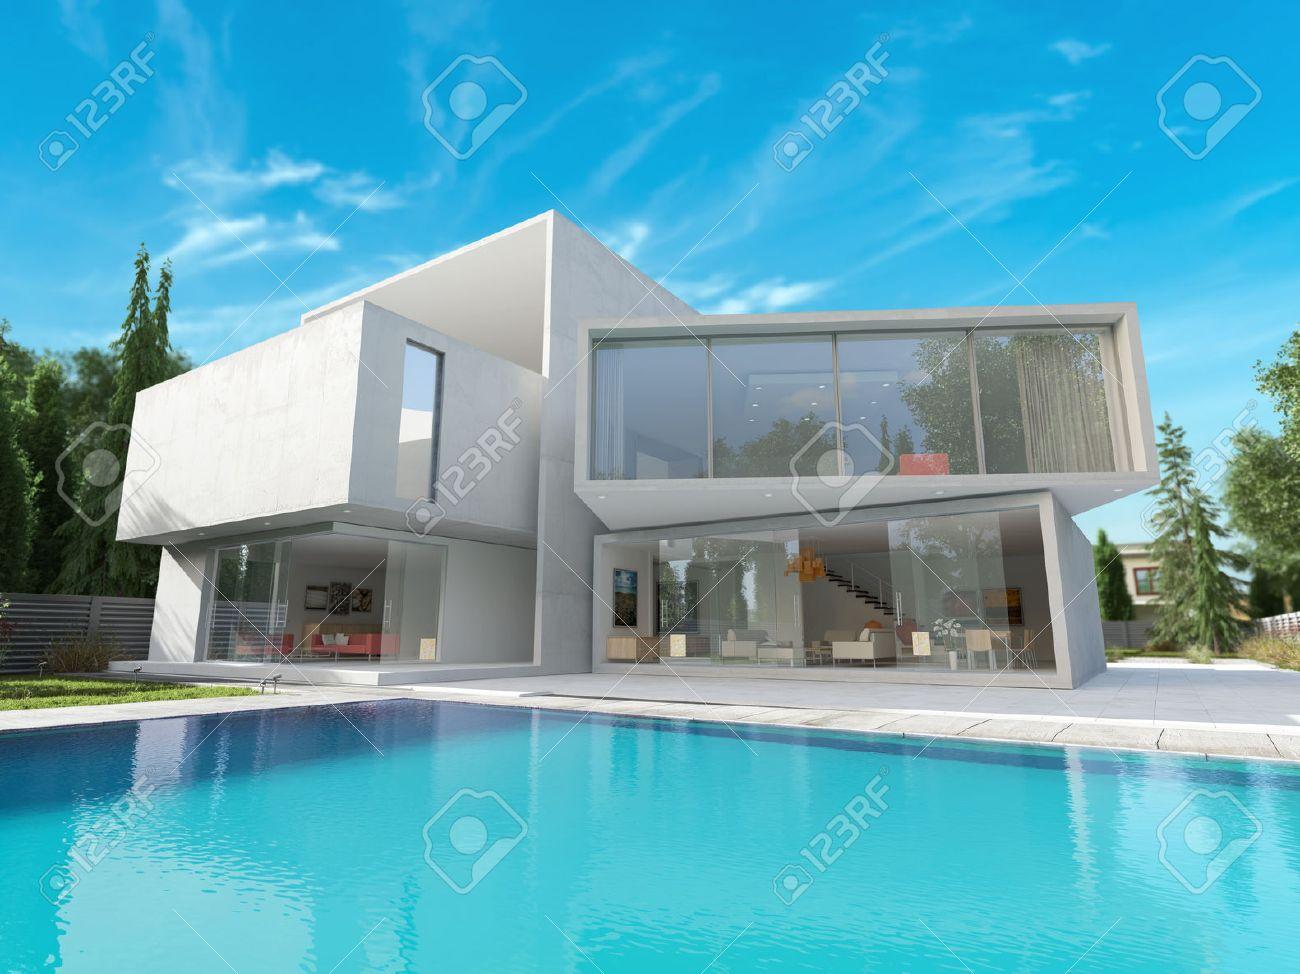 Außenansicht Eines Modernen Haus Mit Pool Lizenzfreie Fotos, Bilder ...